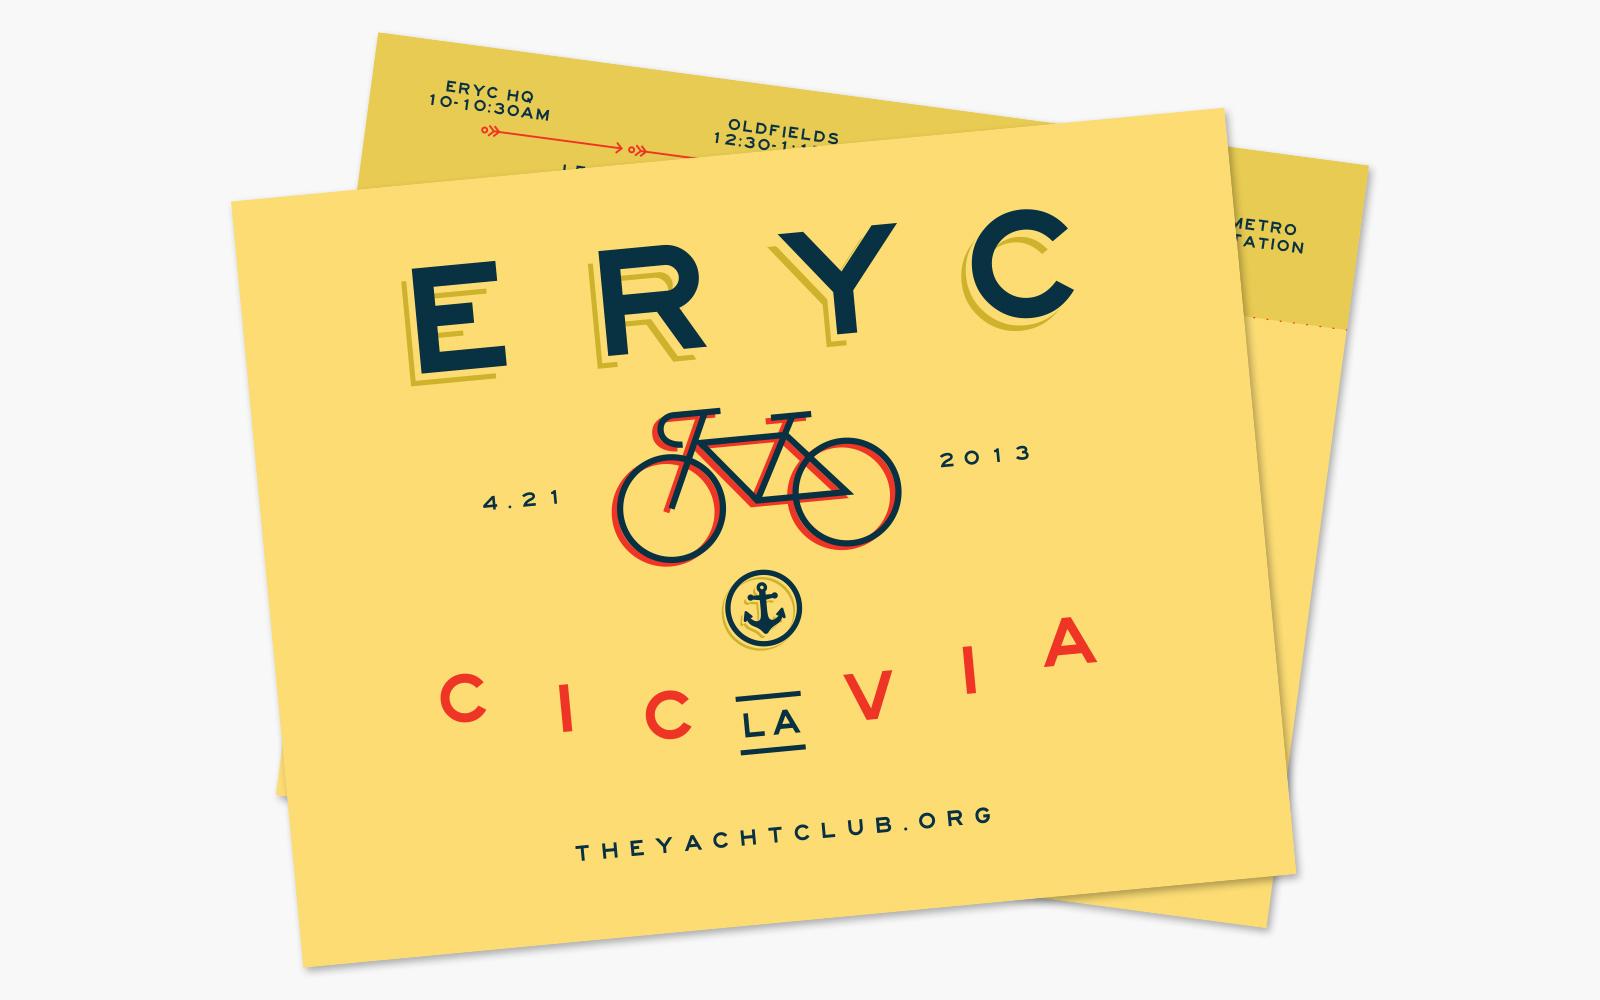 ERYCYCLE01